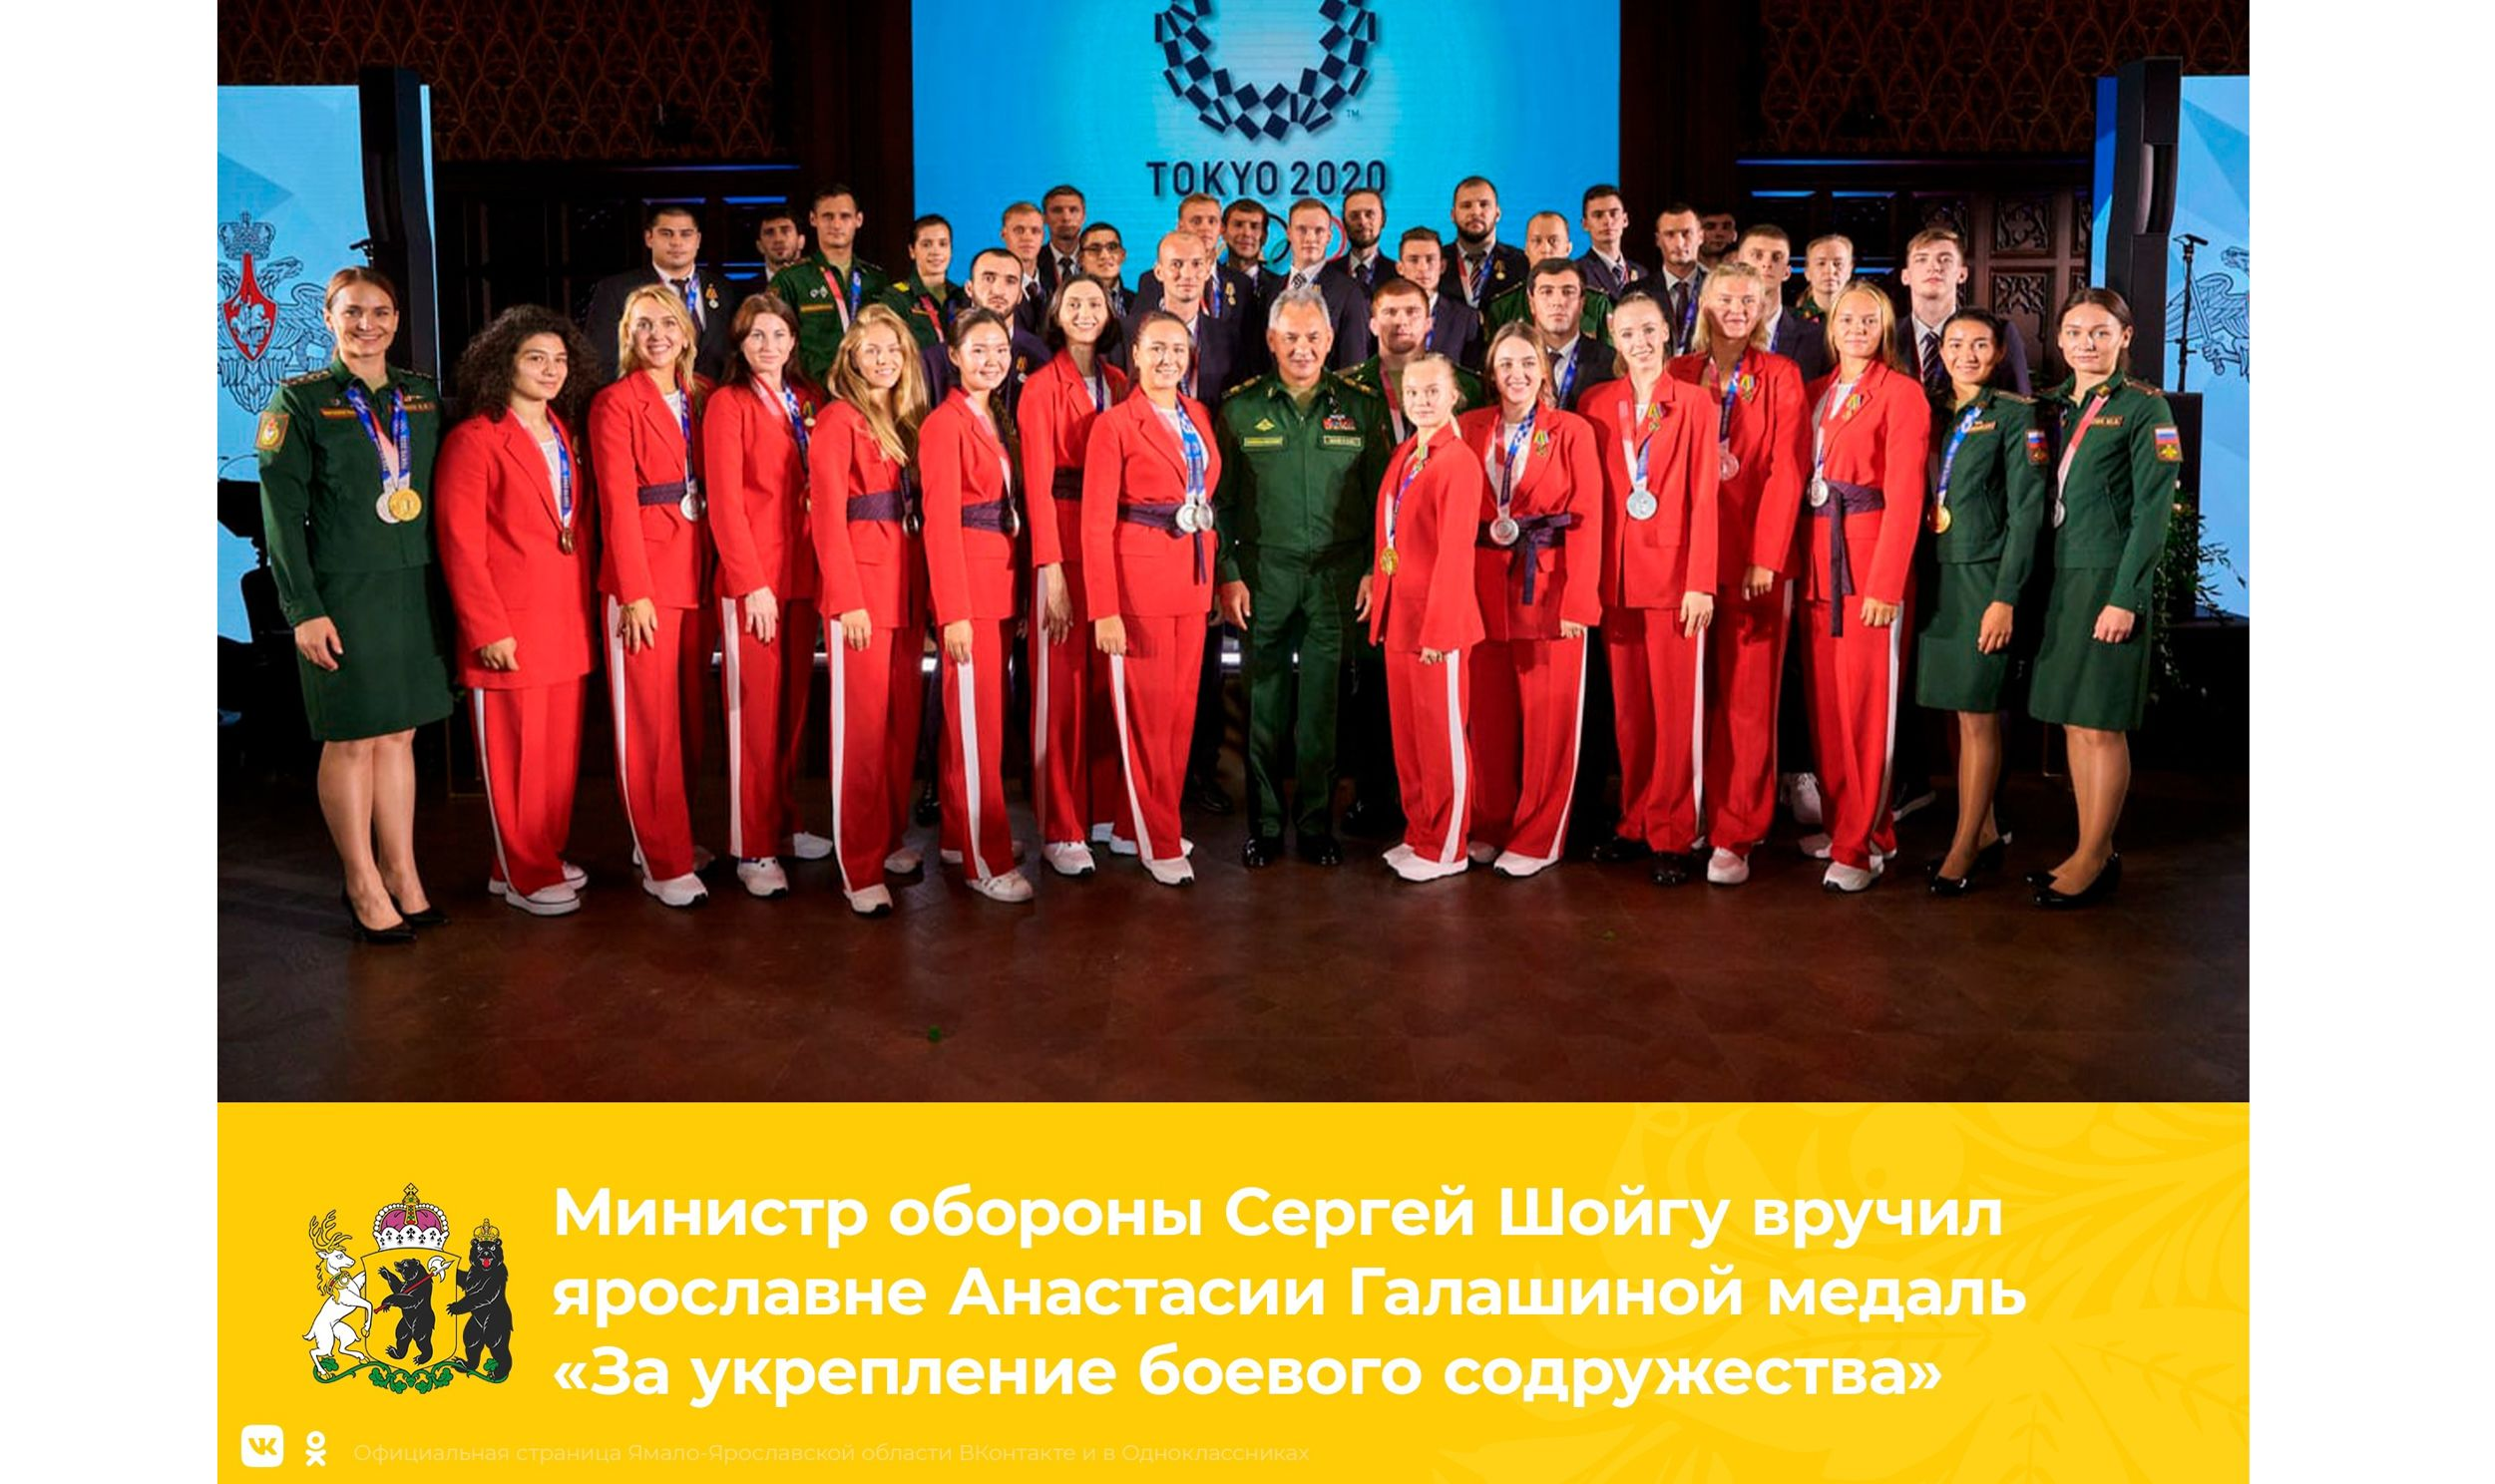 Министр обороны вручил медаль ярославне Анастасии Галашиной